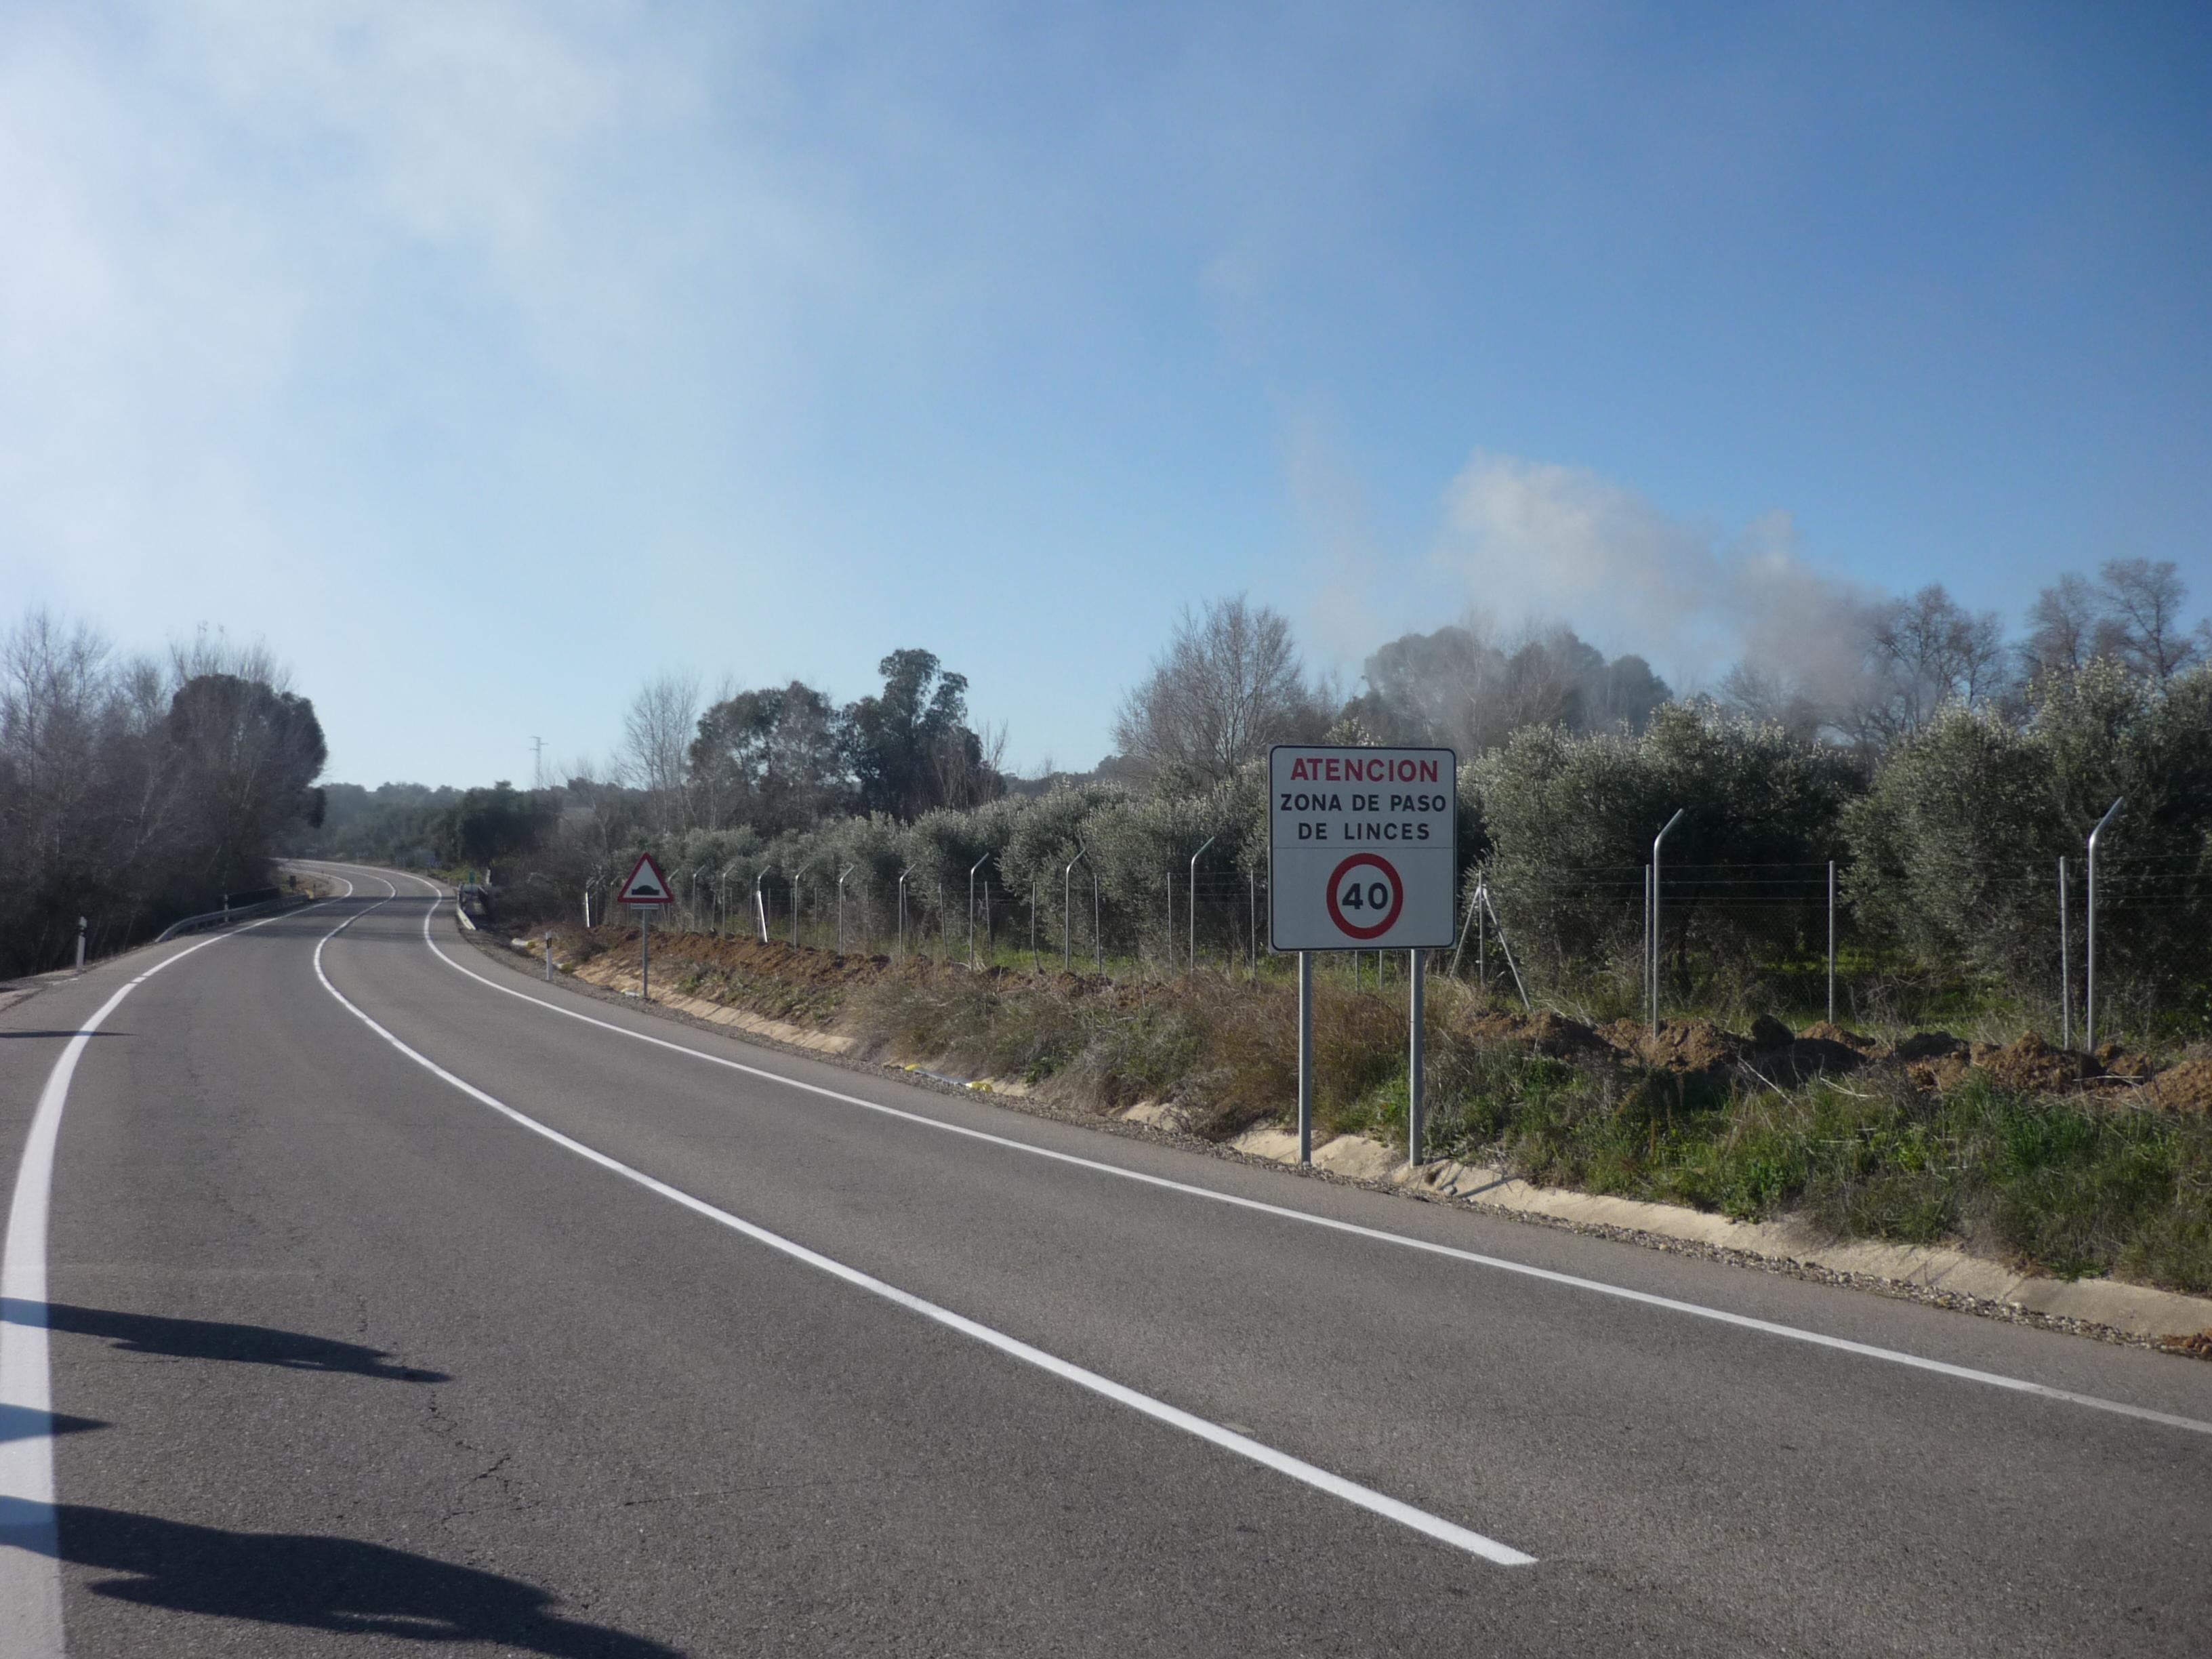 Cartel avisando del paso de lince en una carretera. Imagen: Miteco